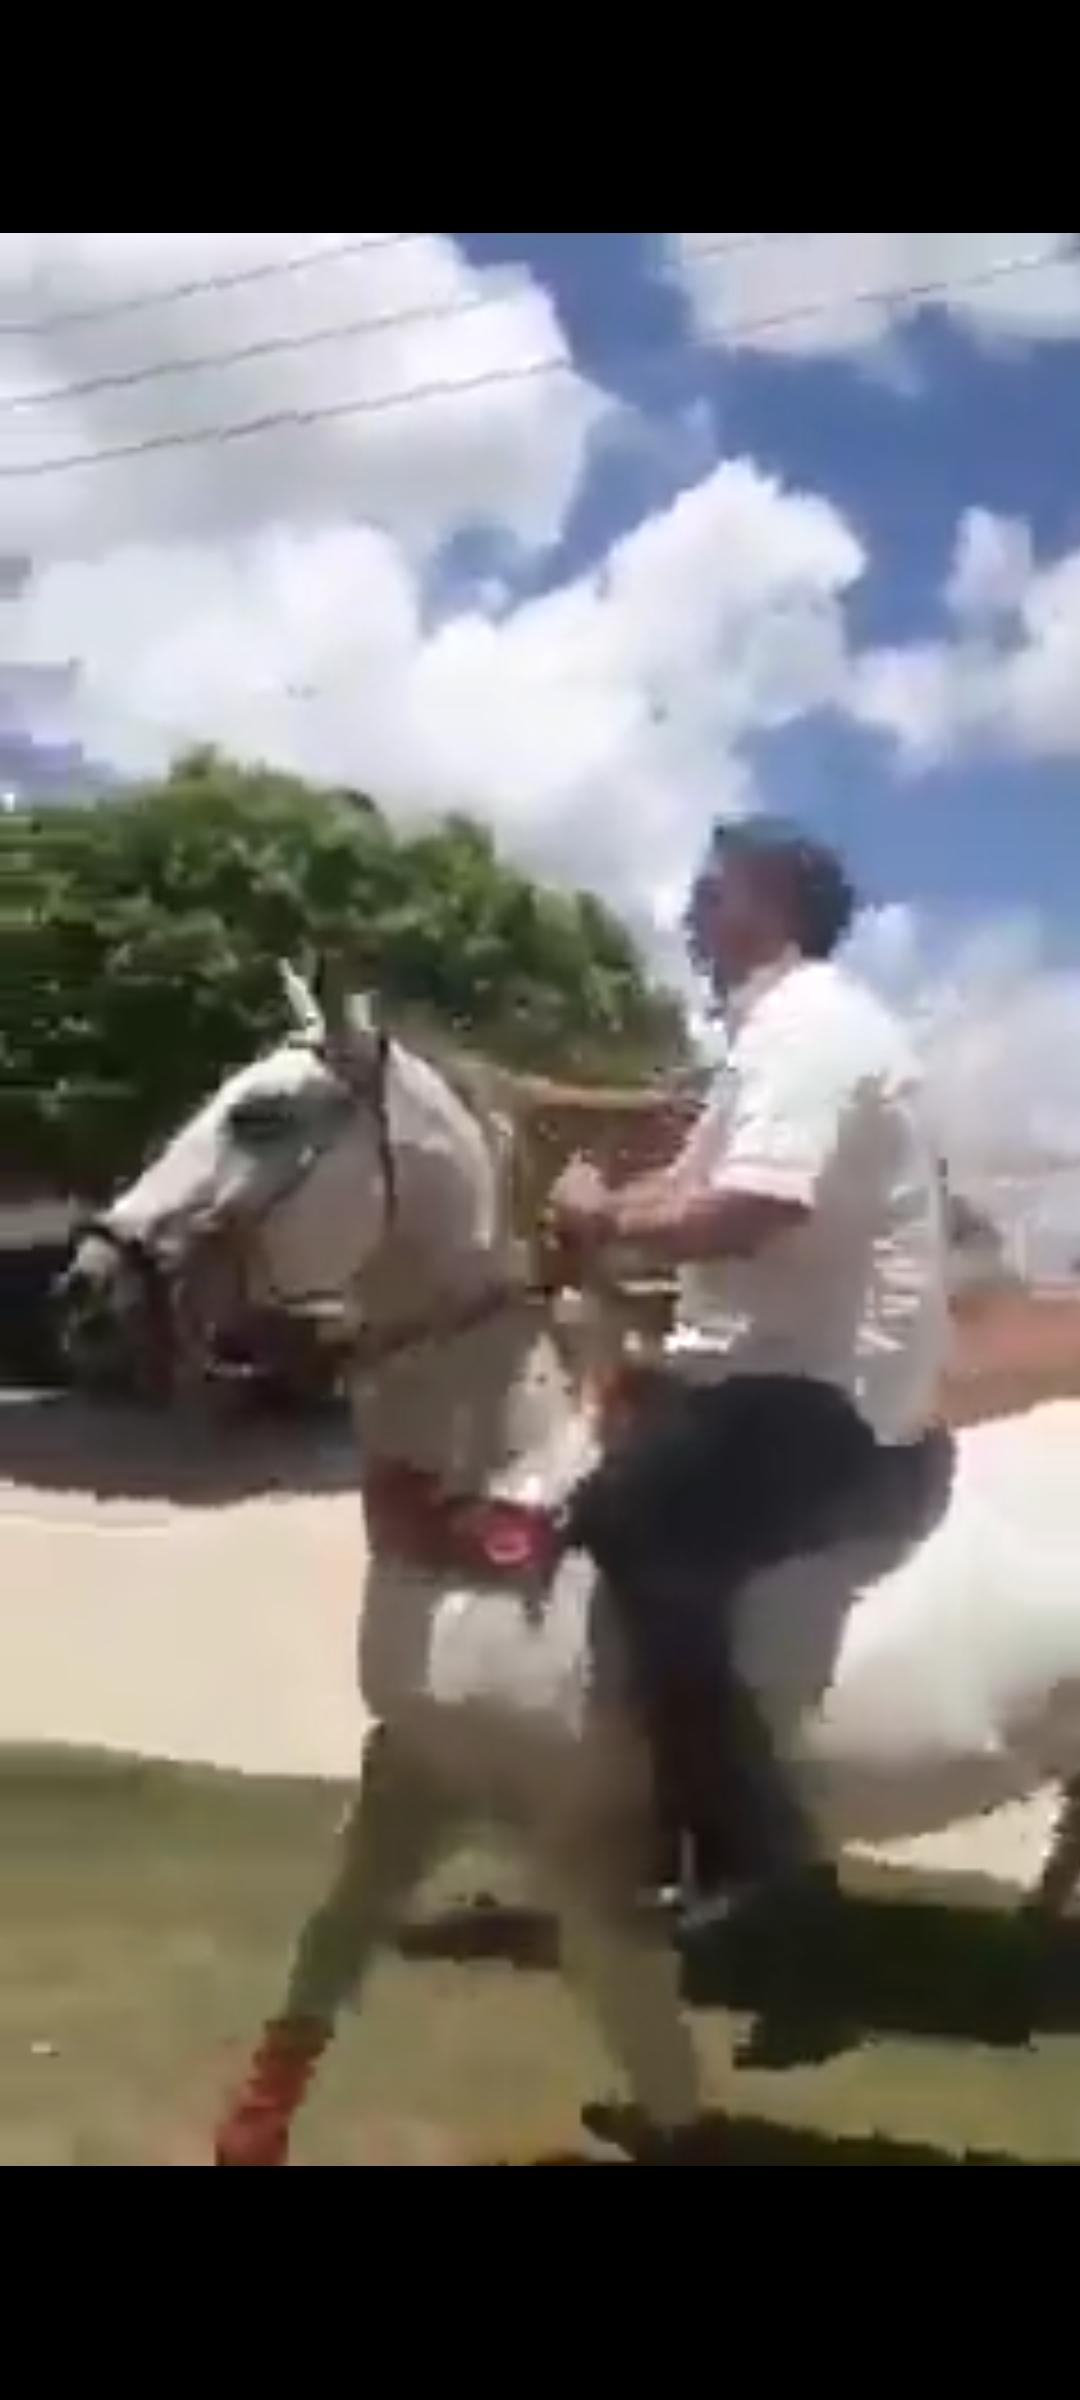 """Presidente Bolsonaro pega cavalo emprestado de um vaqueiro e ele grita; """"Bolsonaro gosta de aventura"""", VEJA O VÍDEO"""